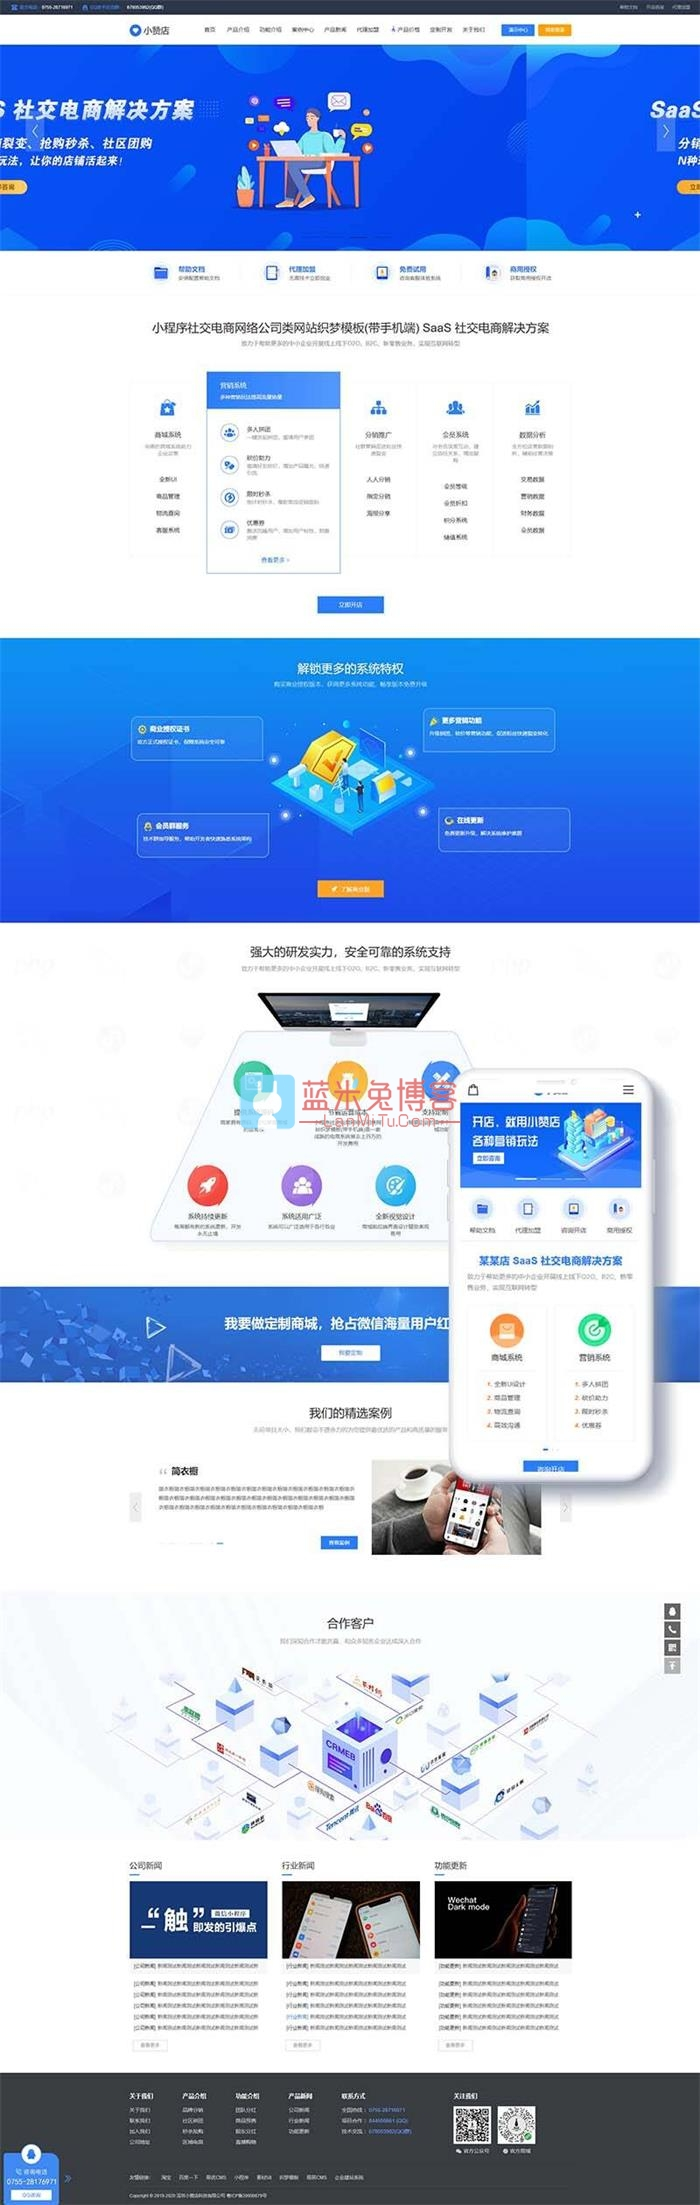 织梦dedecms模板 小程序社交电商系统开发网络公司网站模板(带手机移动端) 第1张